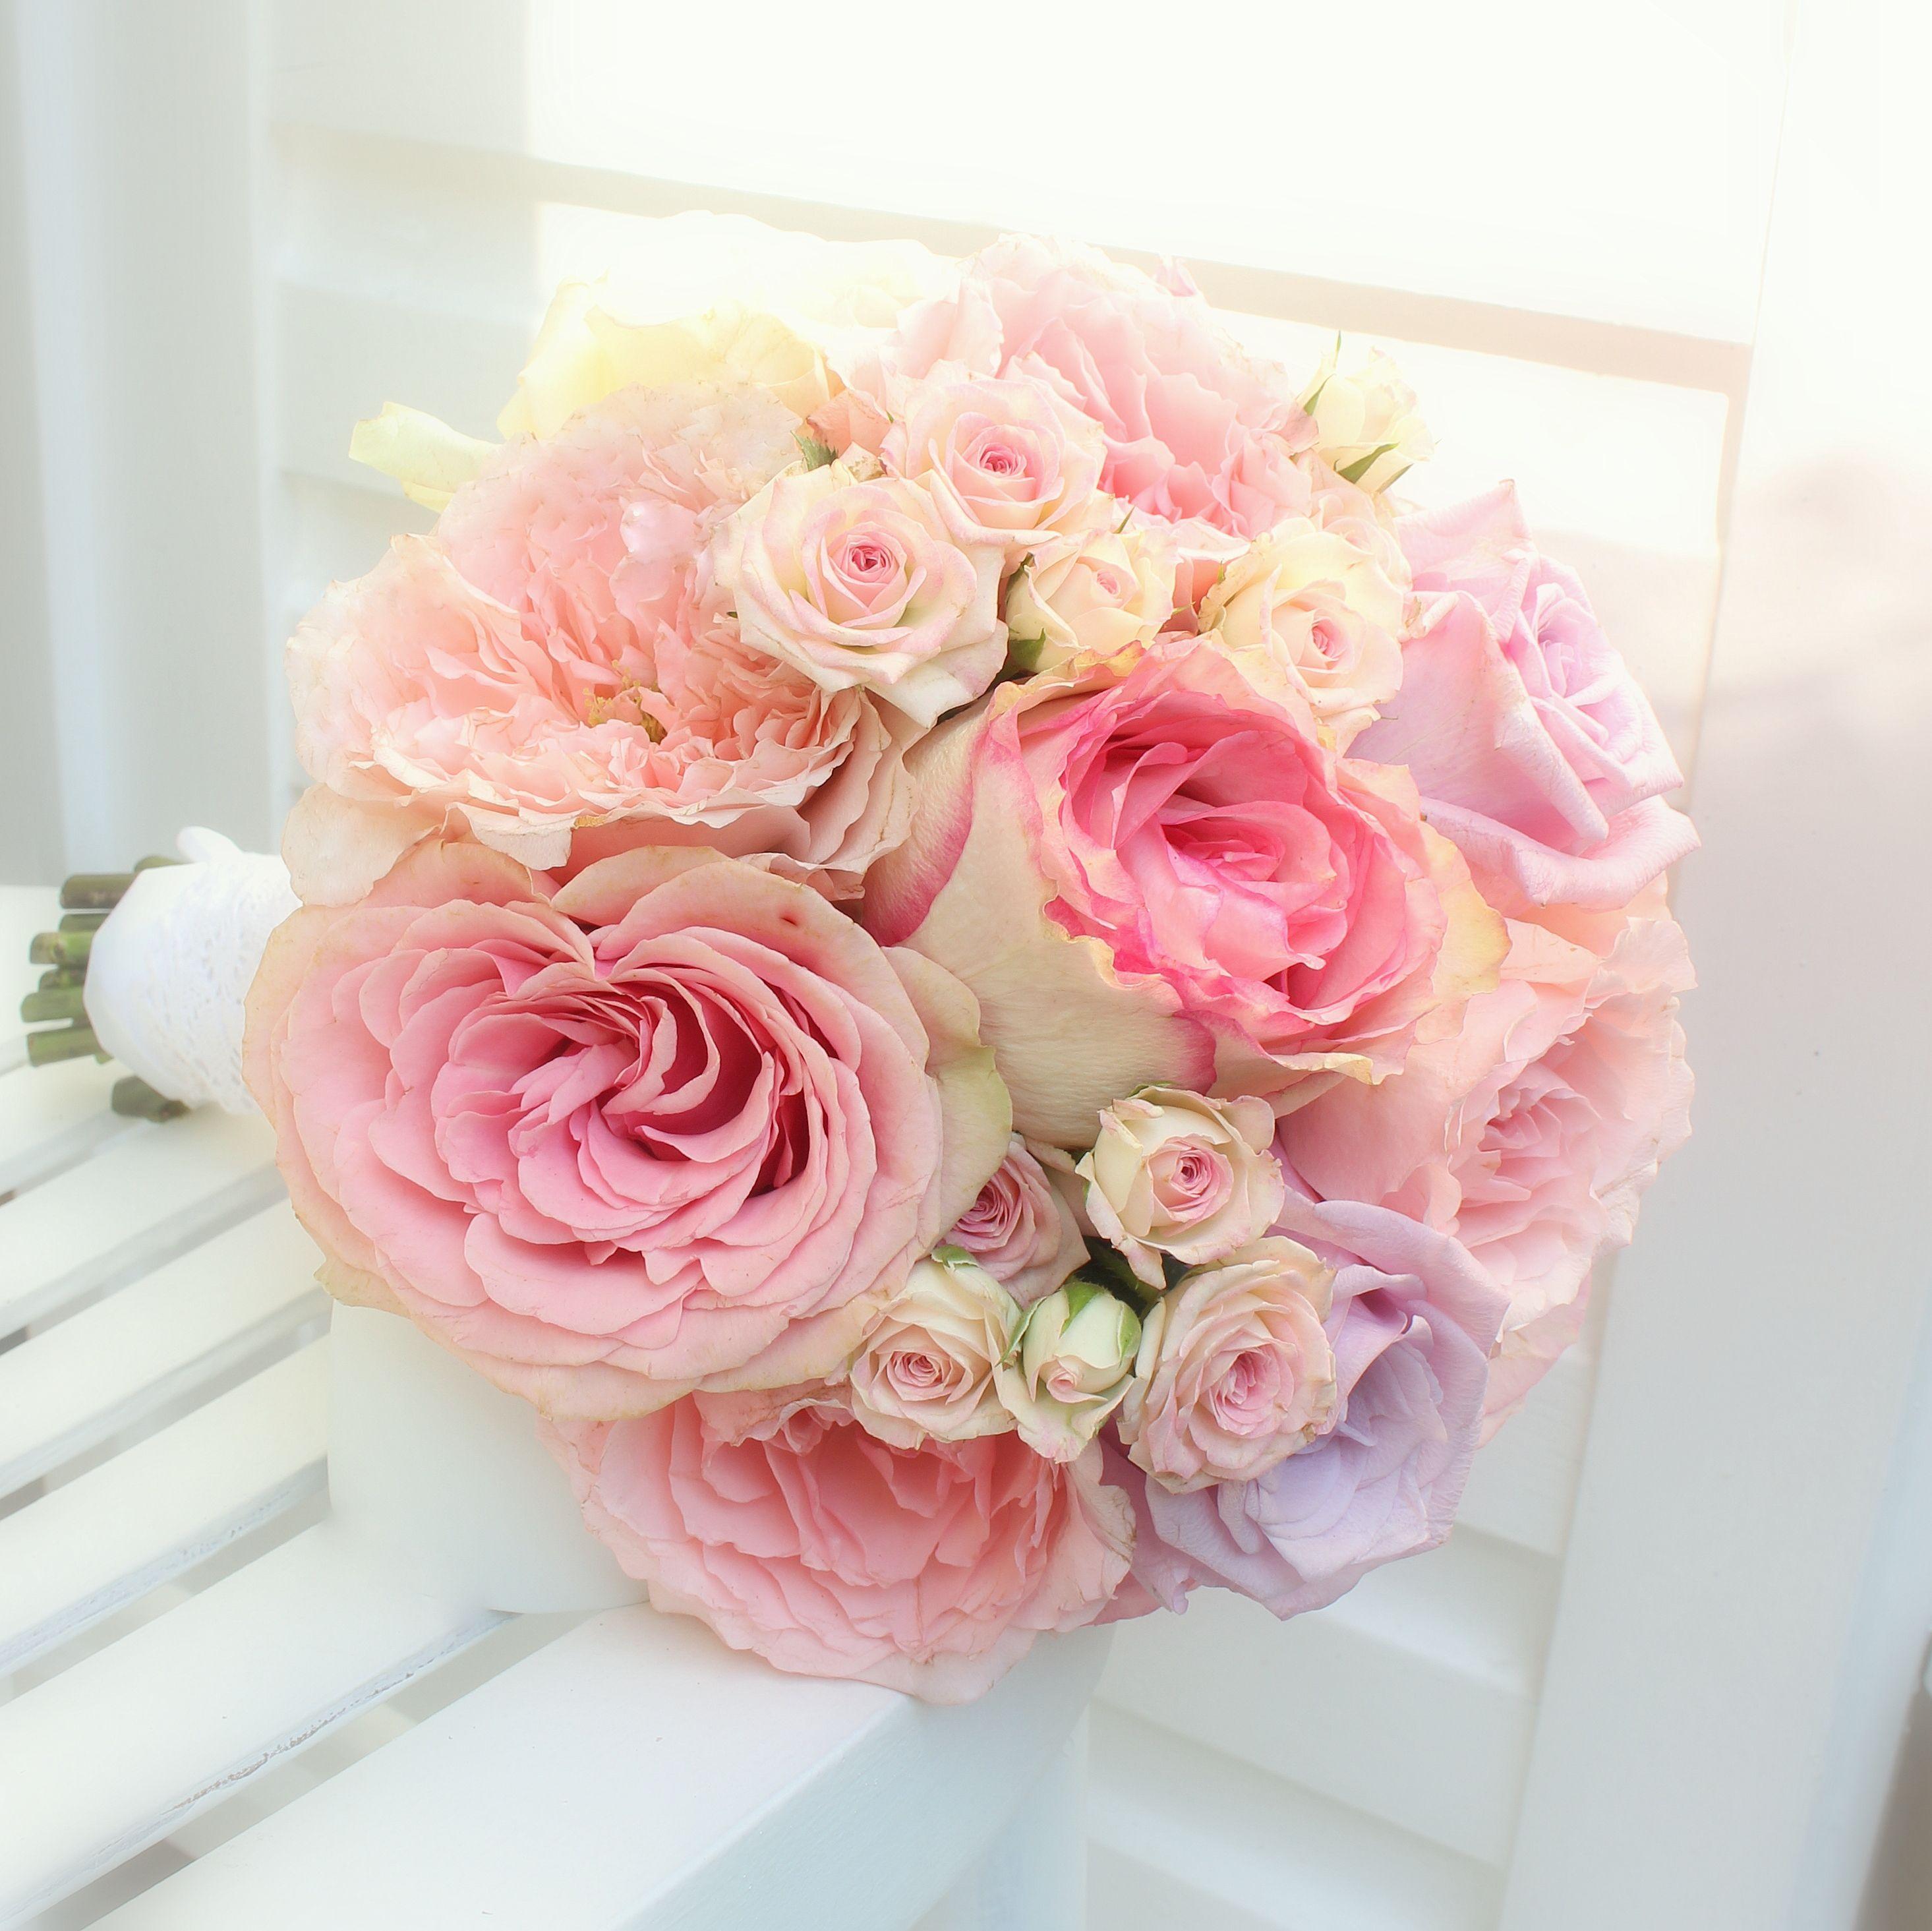 Brautstrau mit sommerlichen rosa Rosen  httpwww